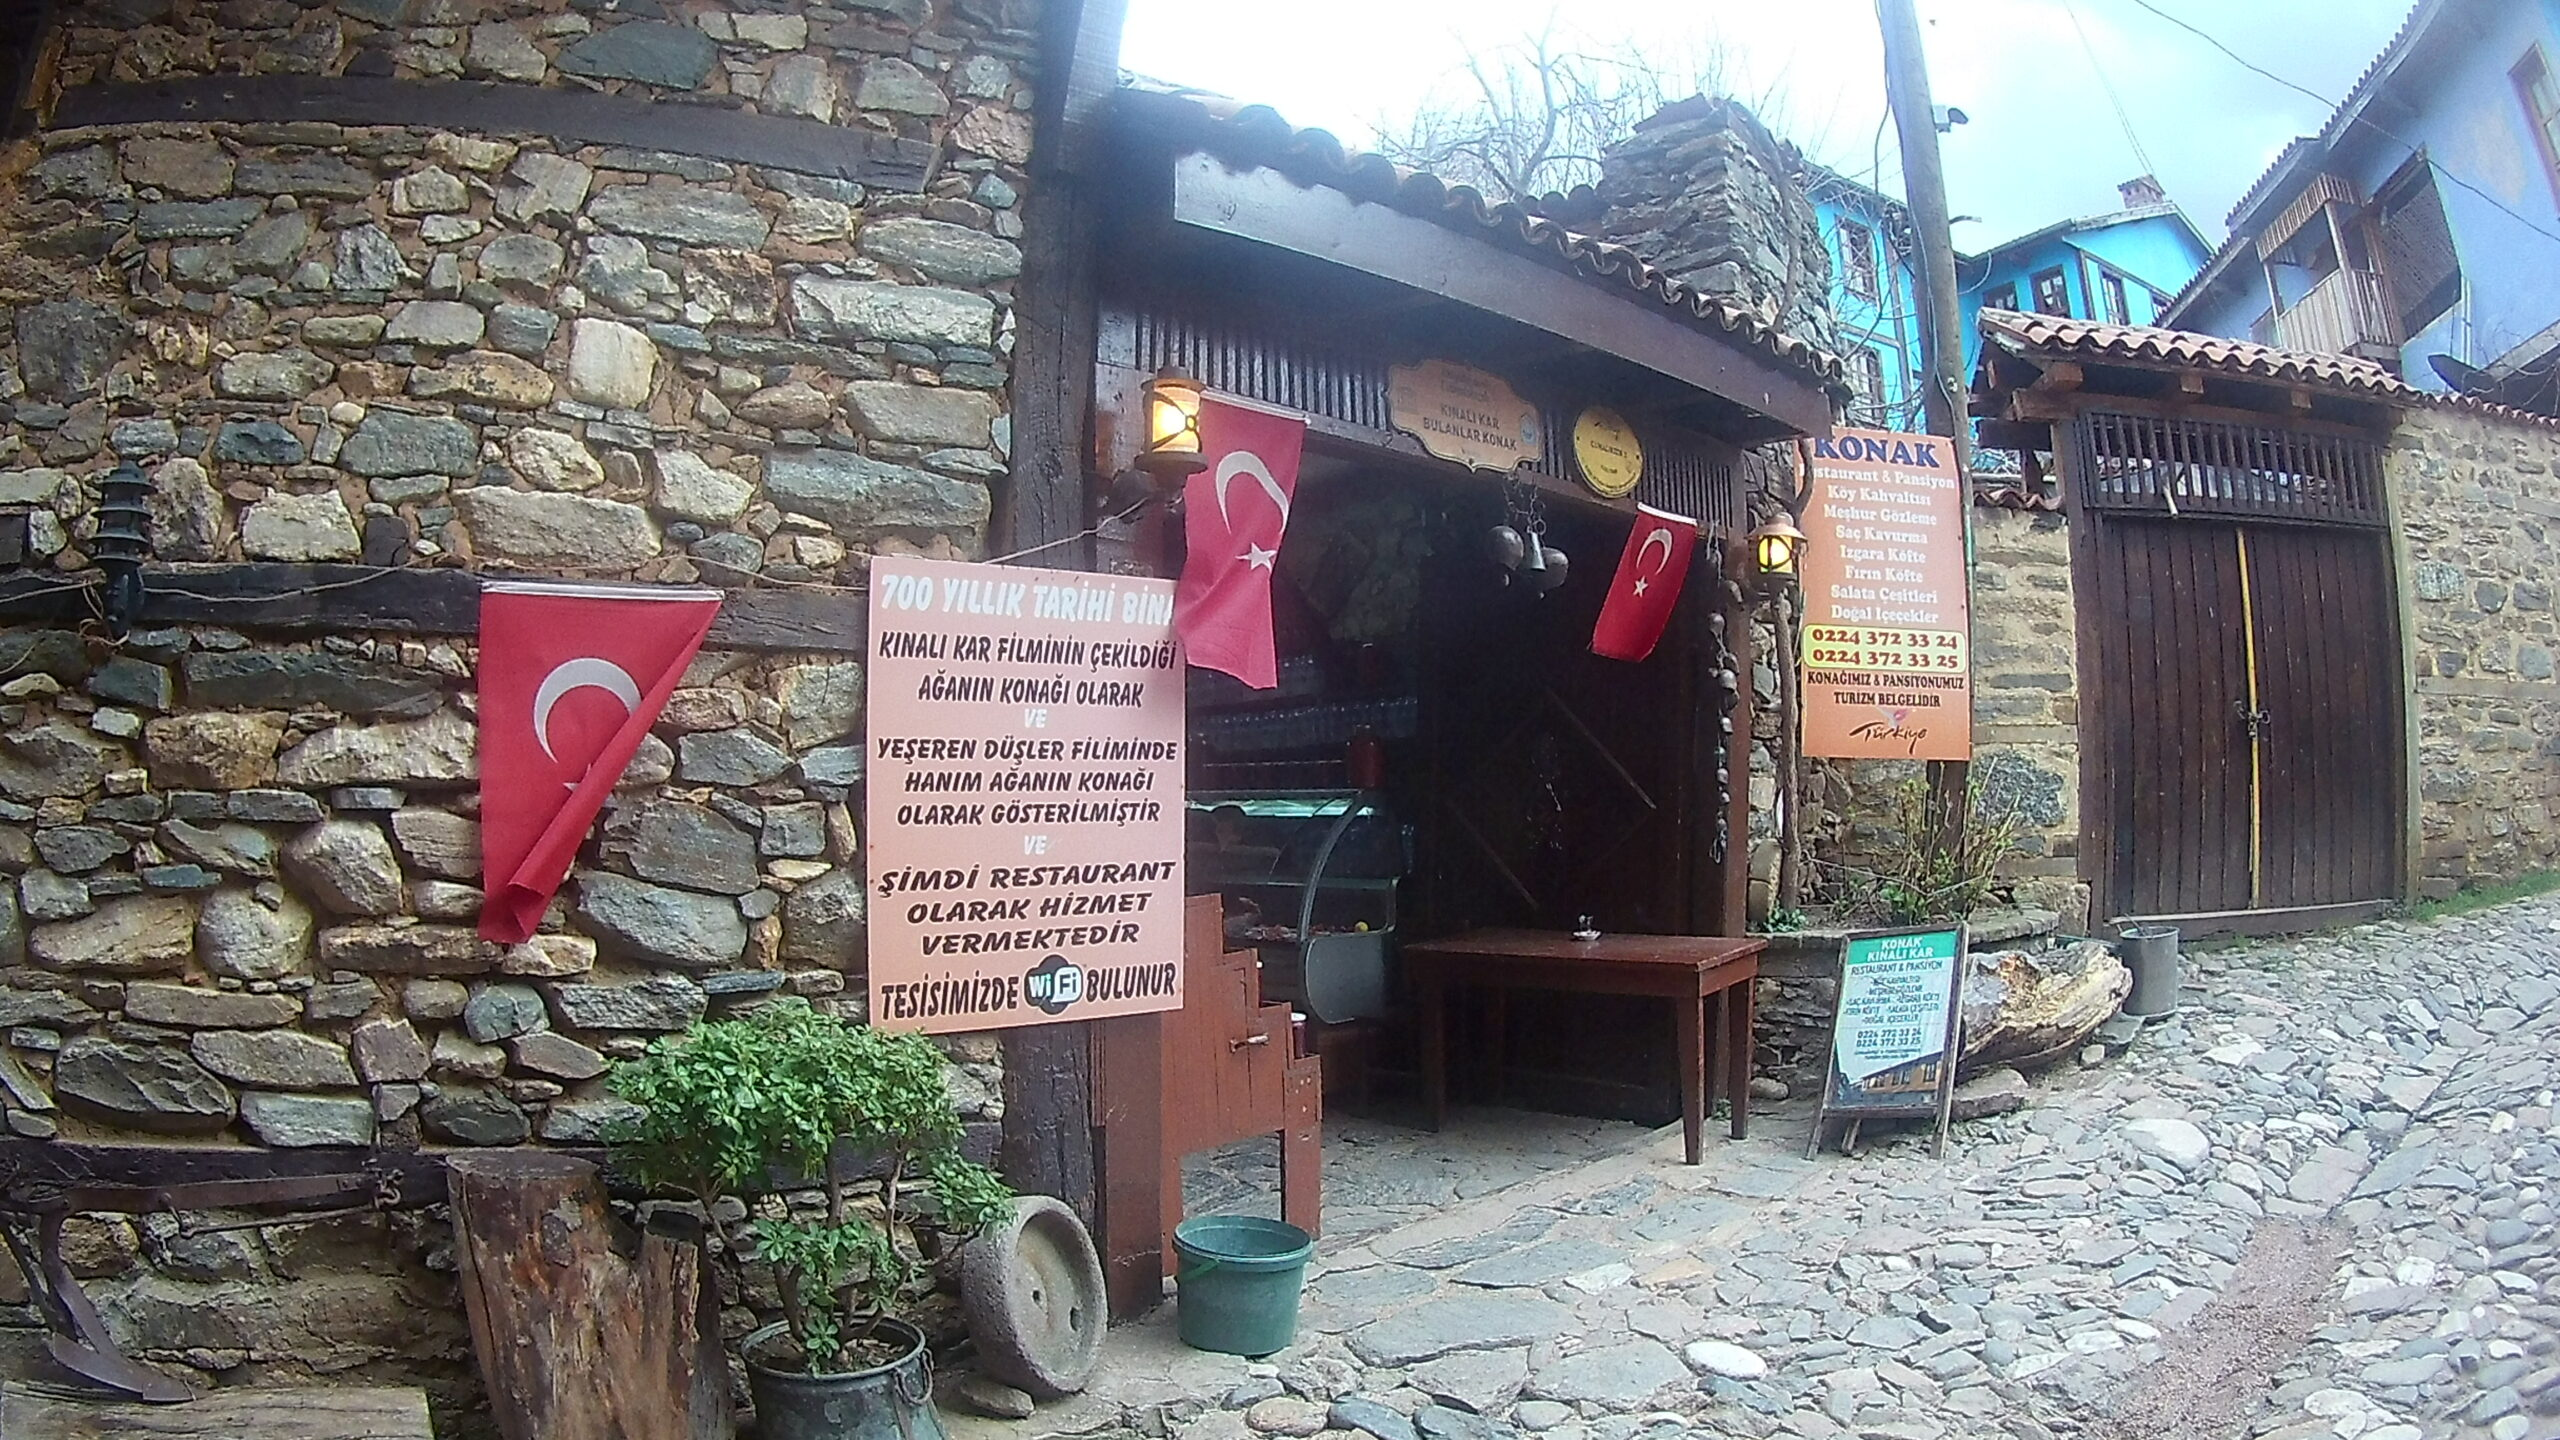 Cumalıkızık - Kınalı Kar Filminin Çekildiği Evlerden biri